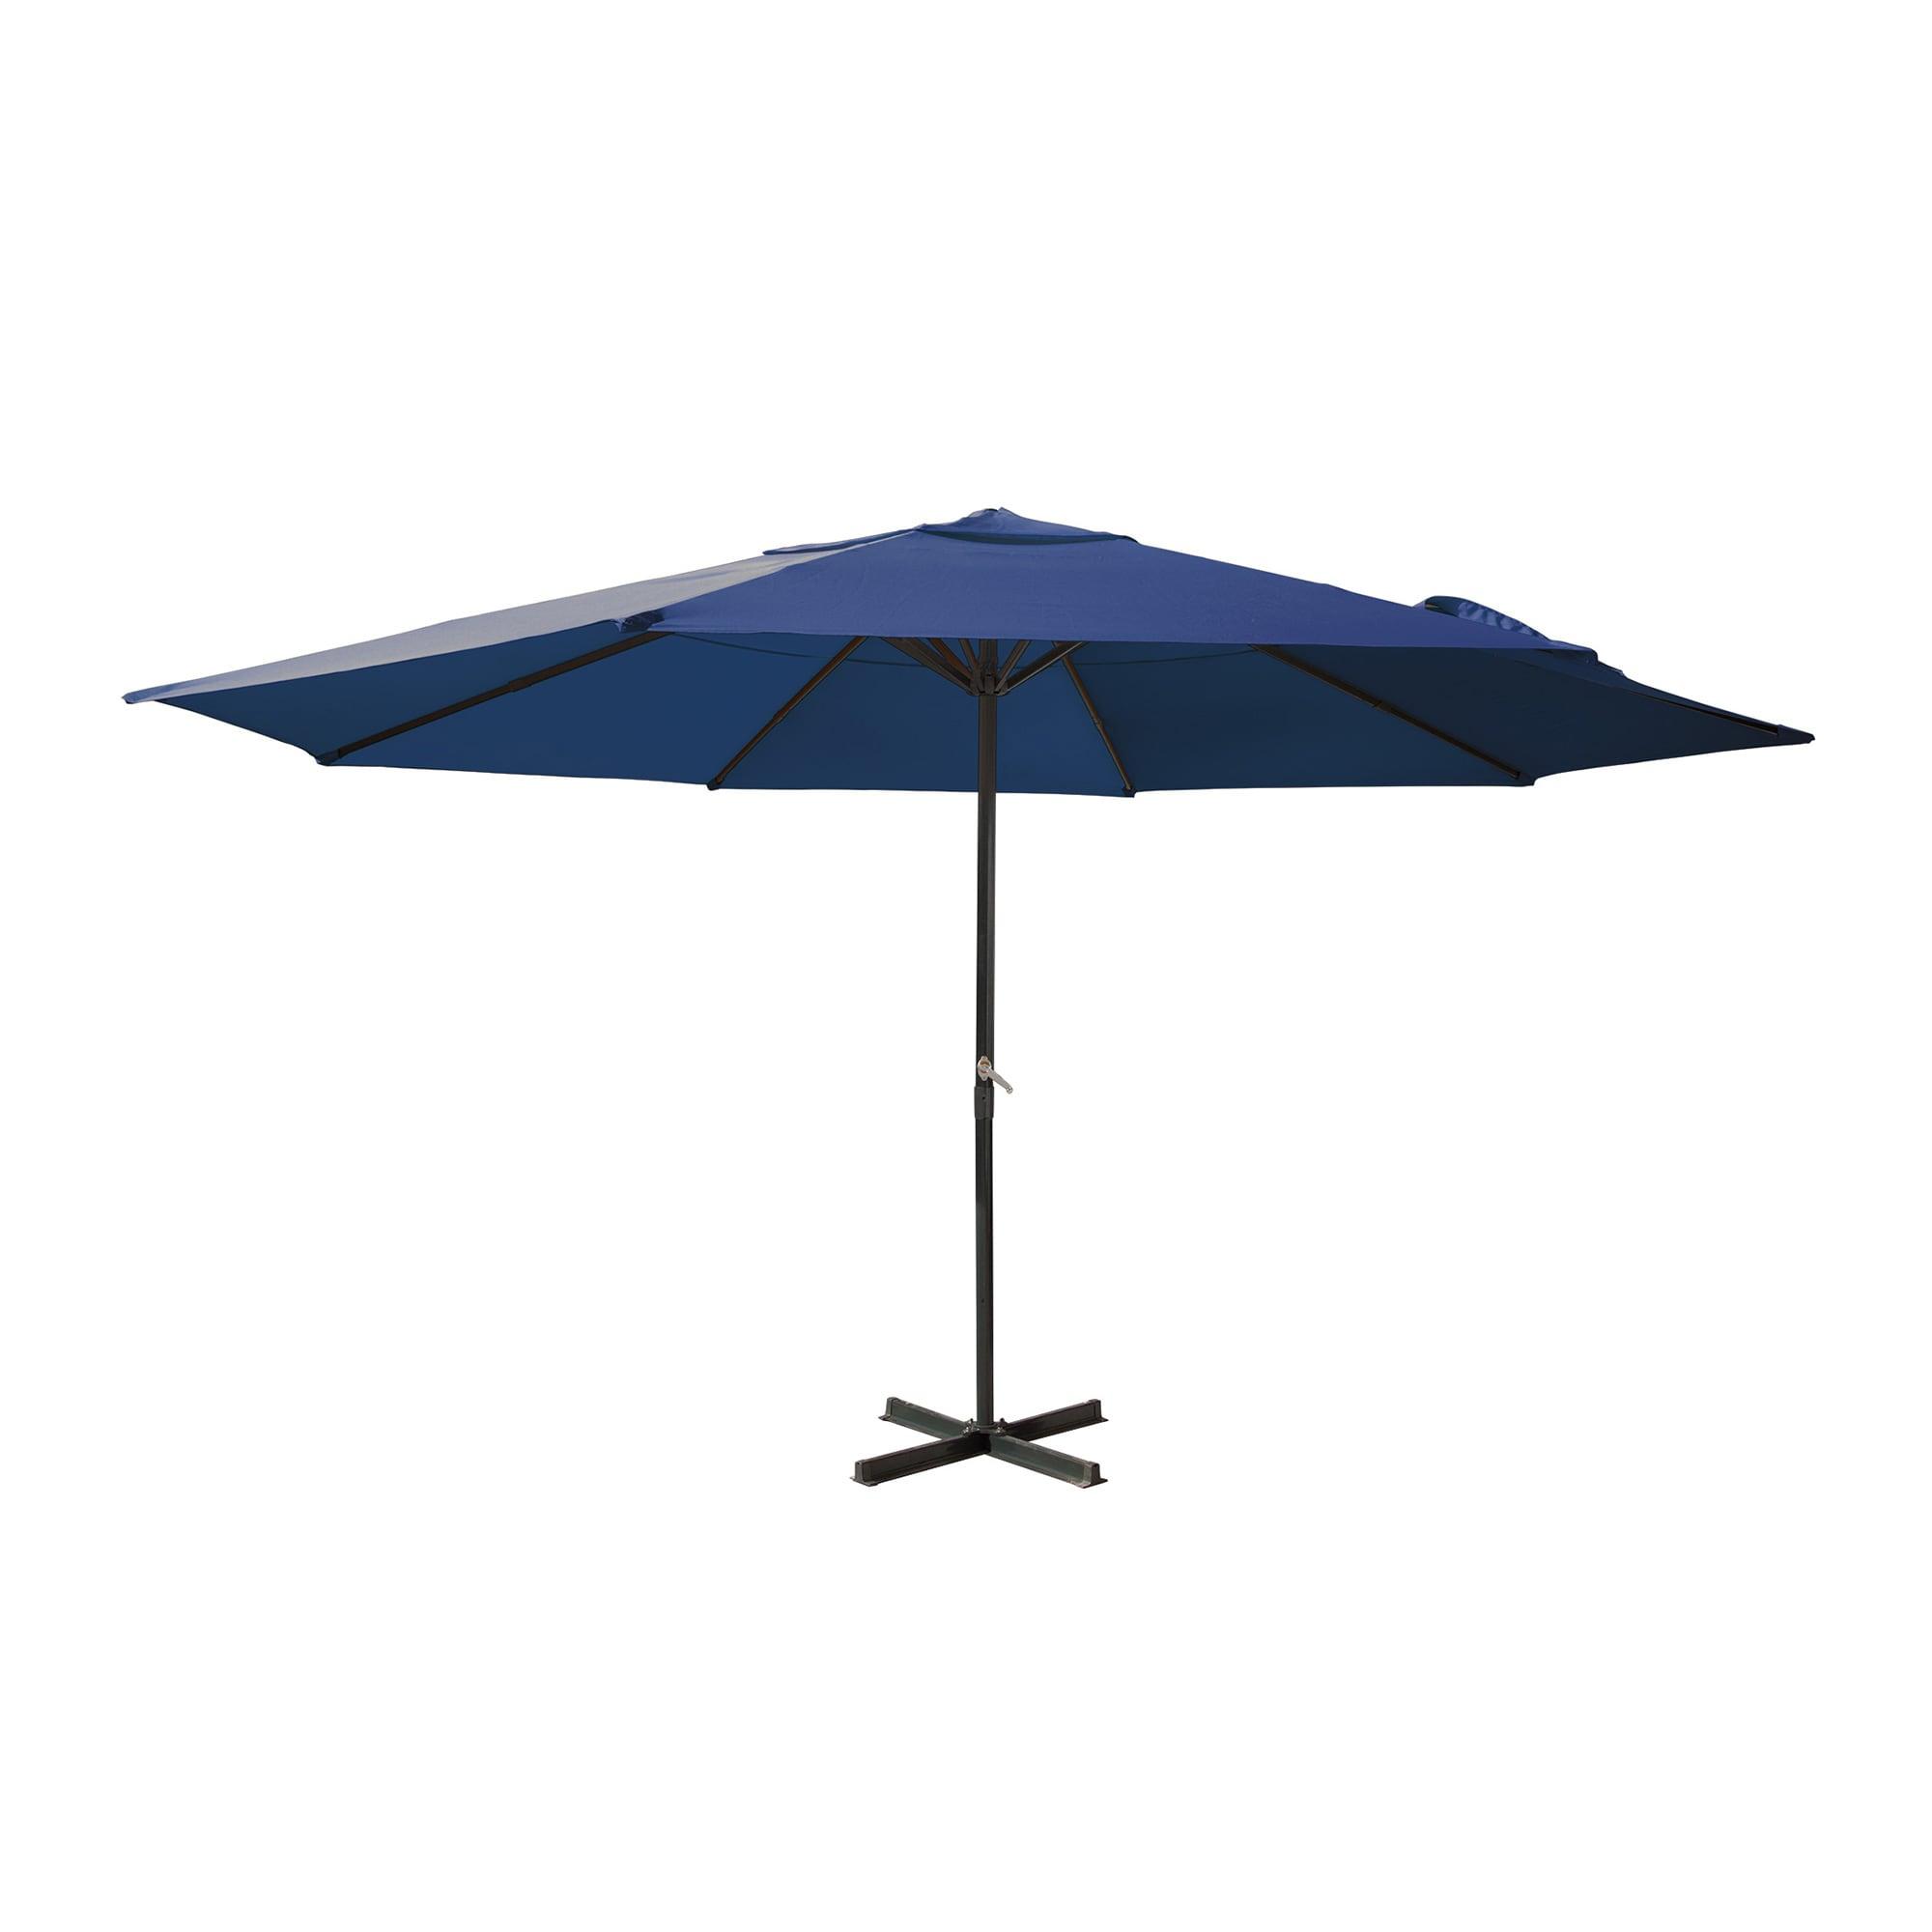 gartenschirm balkonschirm gestell anthrazit sonnenschirm 5m marktschirm 7 farben ebay. Black Bedroom Furniture Sets. Home Design Ideas